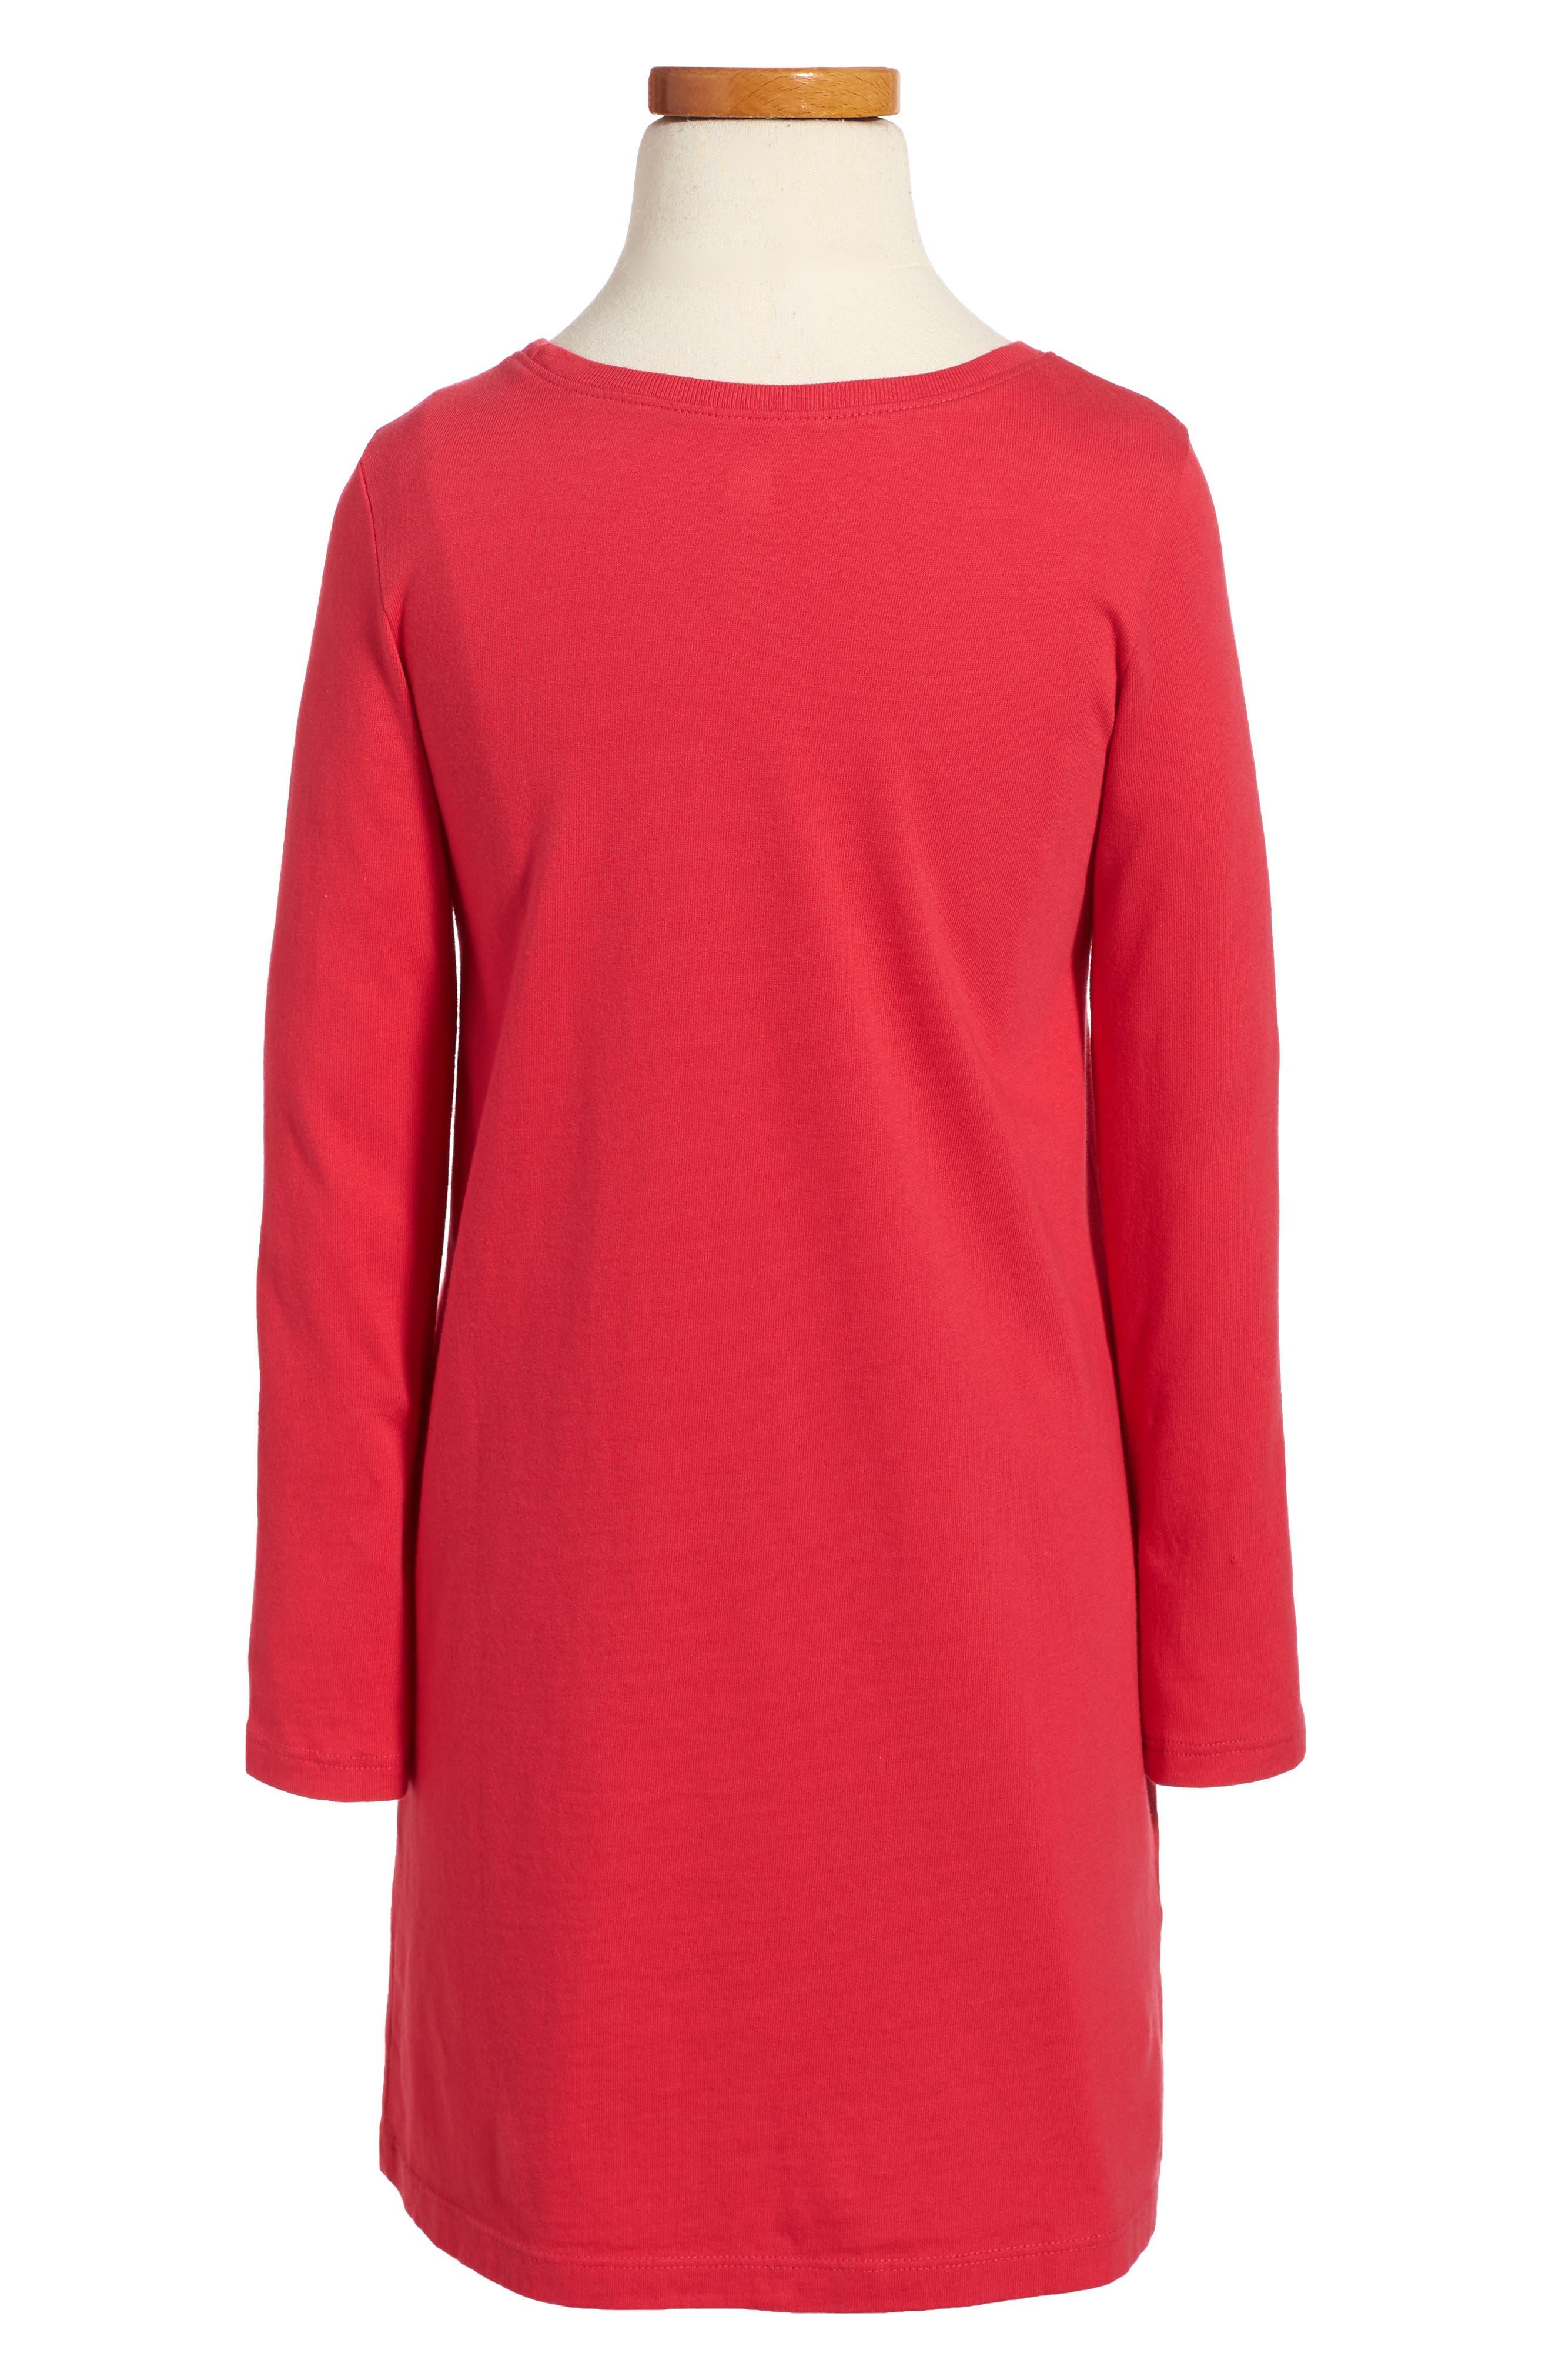 Rosemarkie Dress,                             Alternate thumbnail 2, color,                             608